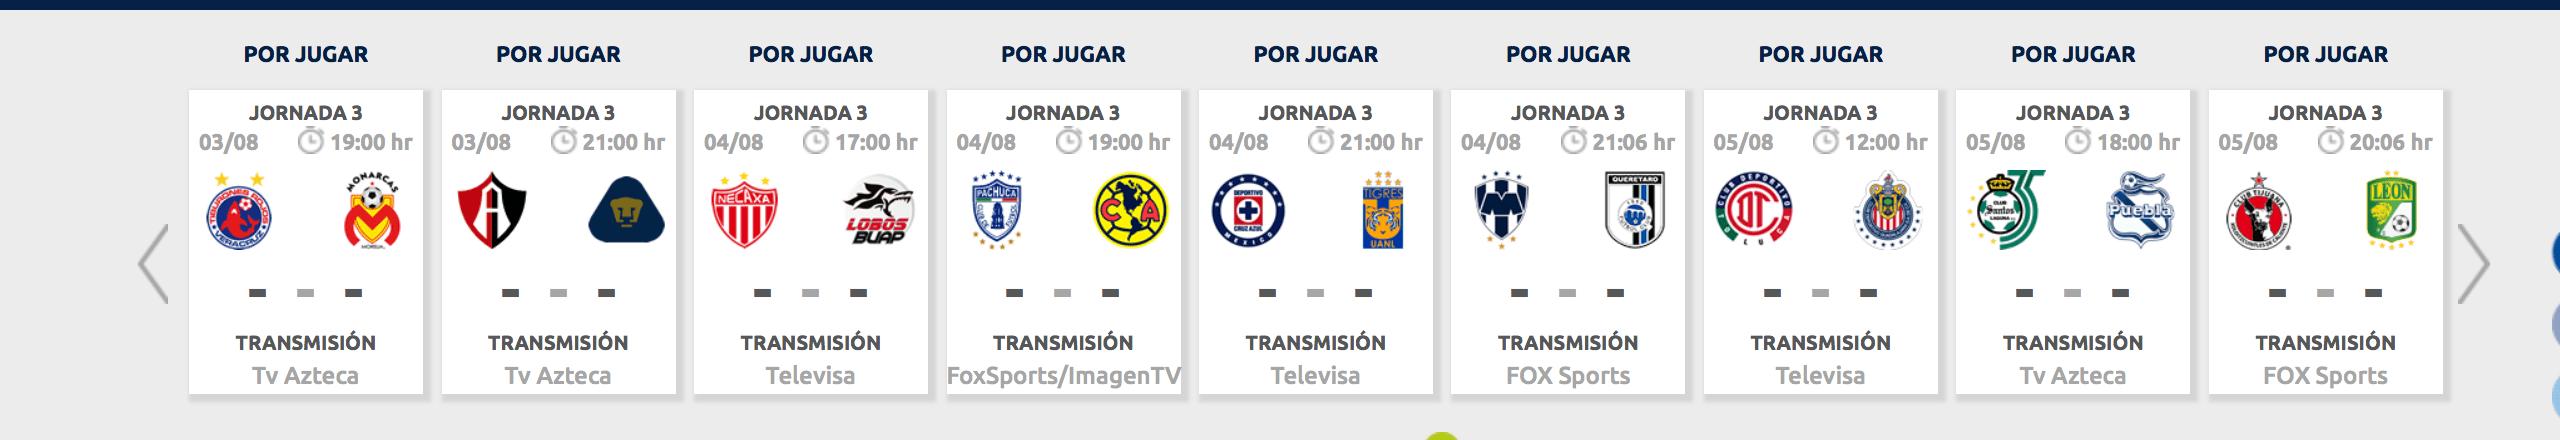 ¿Cómo, cuándo y dónde ver la Jornada 3 del Apertura 2018?